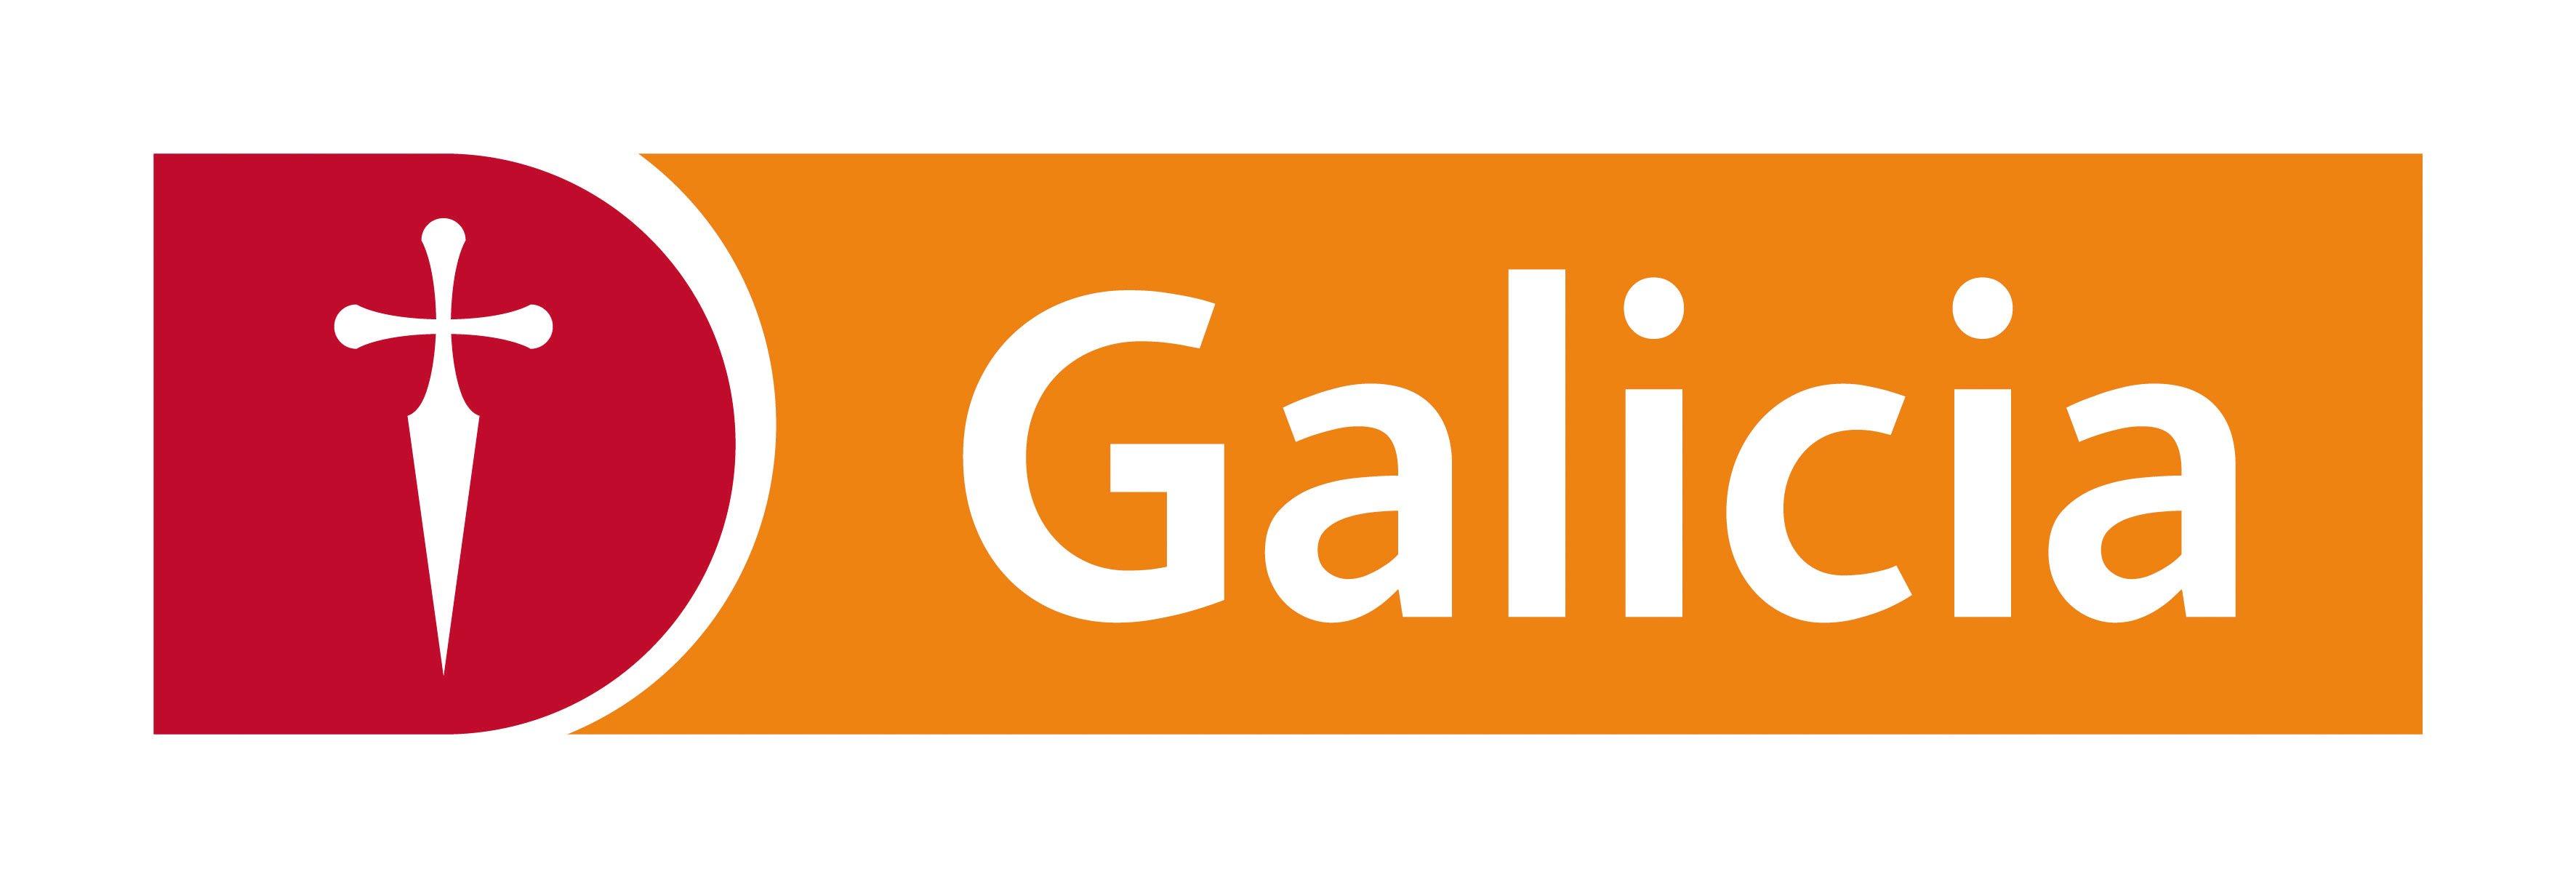 Resultado de imagen para banco galicia